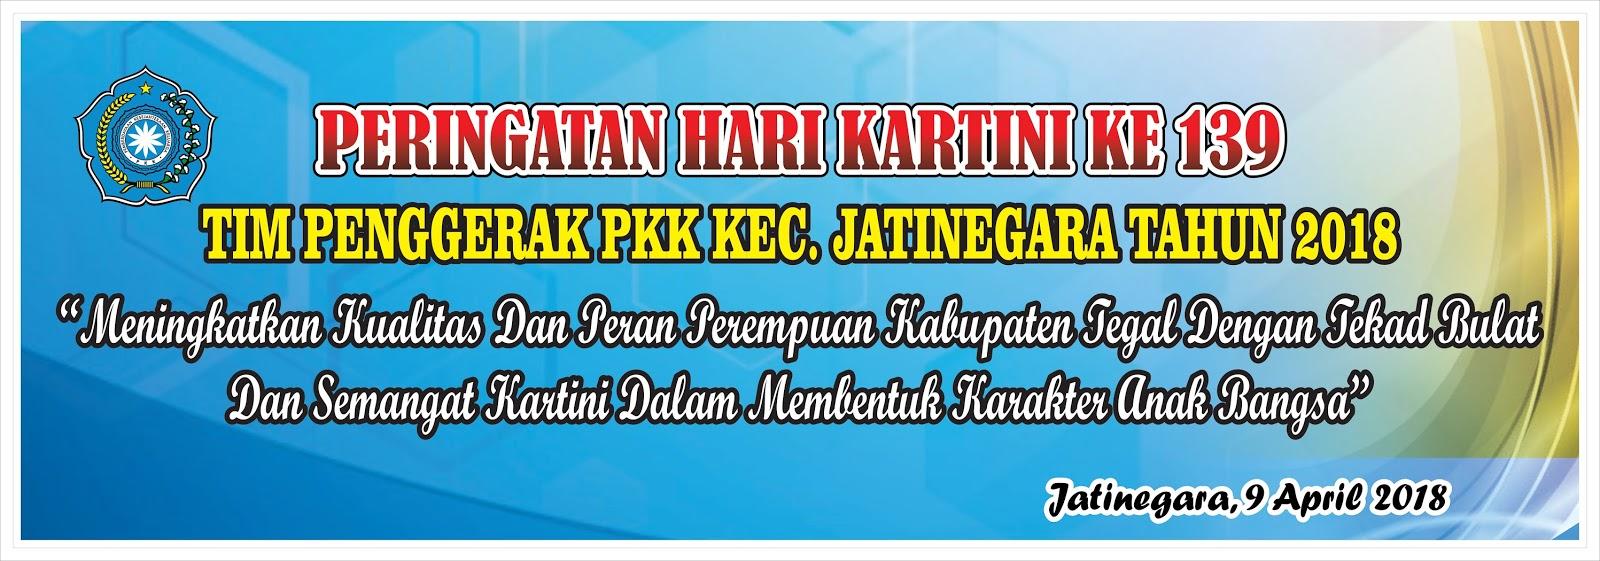 Contoh Desain Banner atau Spanduk Hari Kartini   DODO GRAFIS